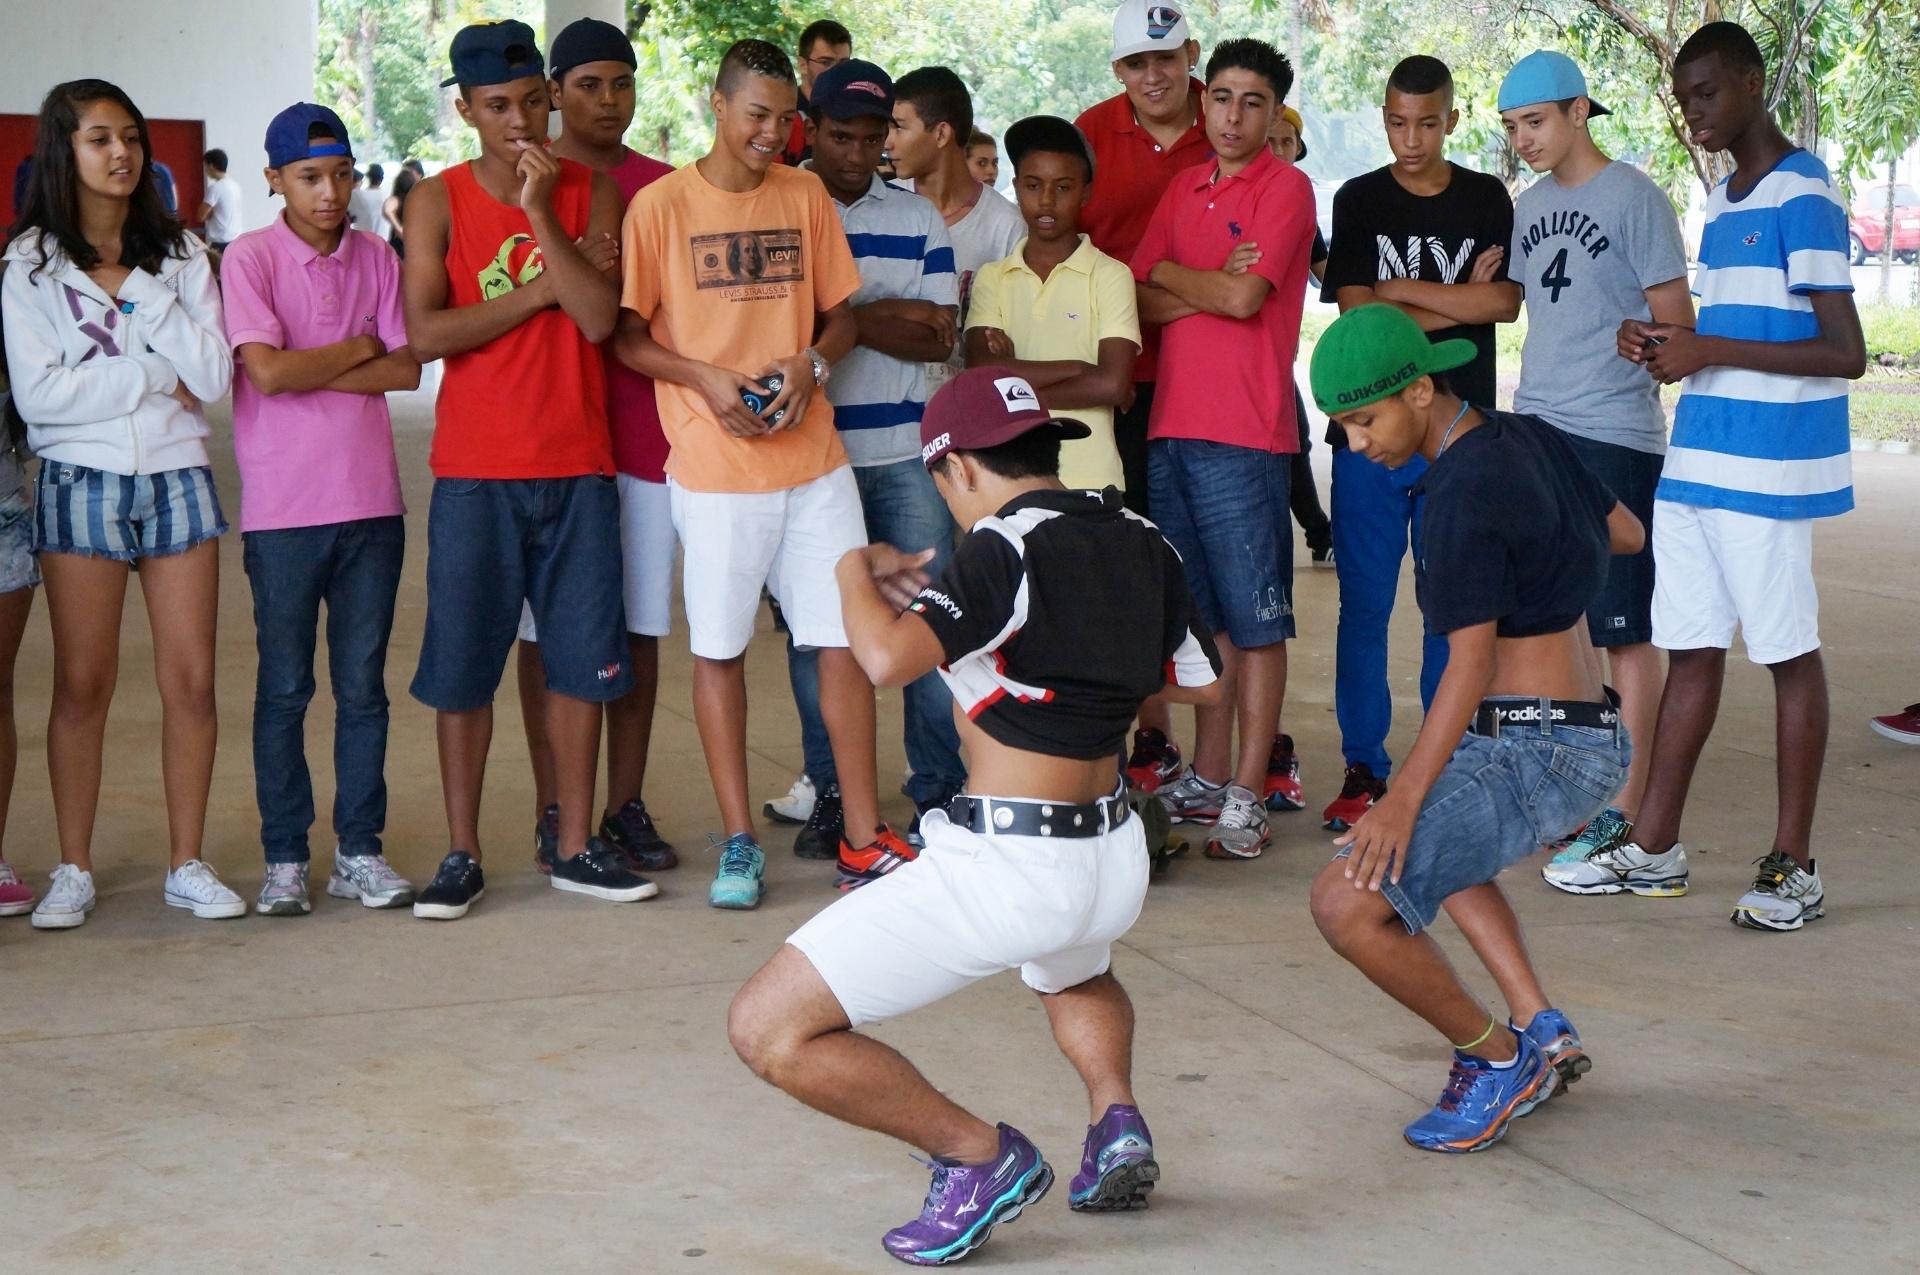 15.fev.2014 - Primeiro Rolezinho autorizado pela Prefeitura de São Paulo foi realizado neste sábado (15), no Parque do Ibirapuera. Apesar da chuva, cerca de 200 jovens se reuniram e dançaram durante o encontro